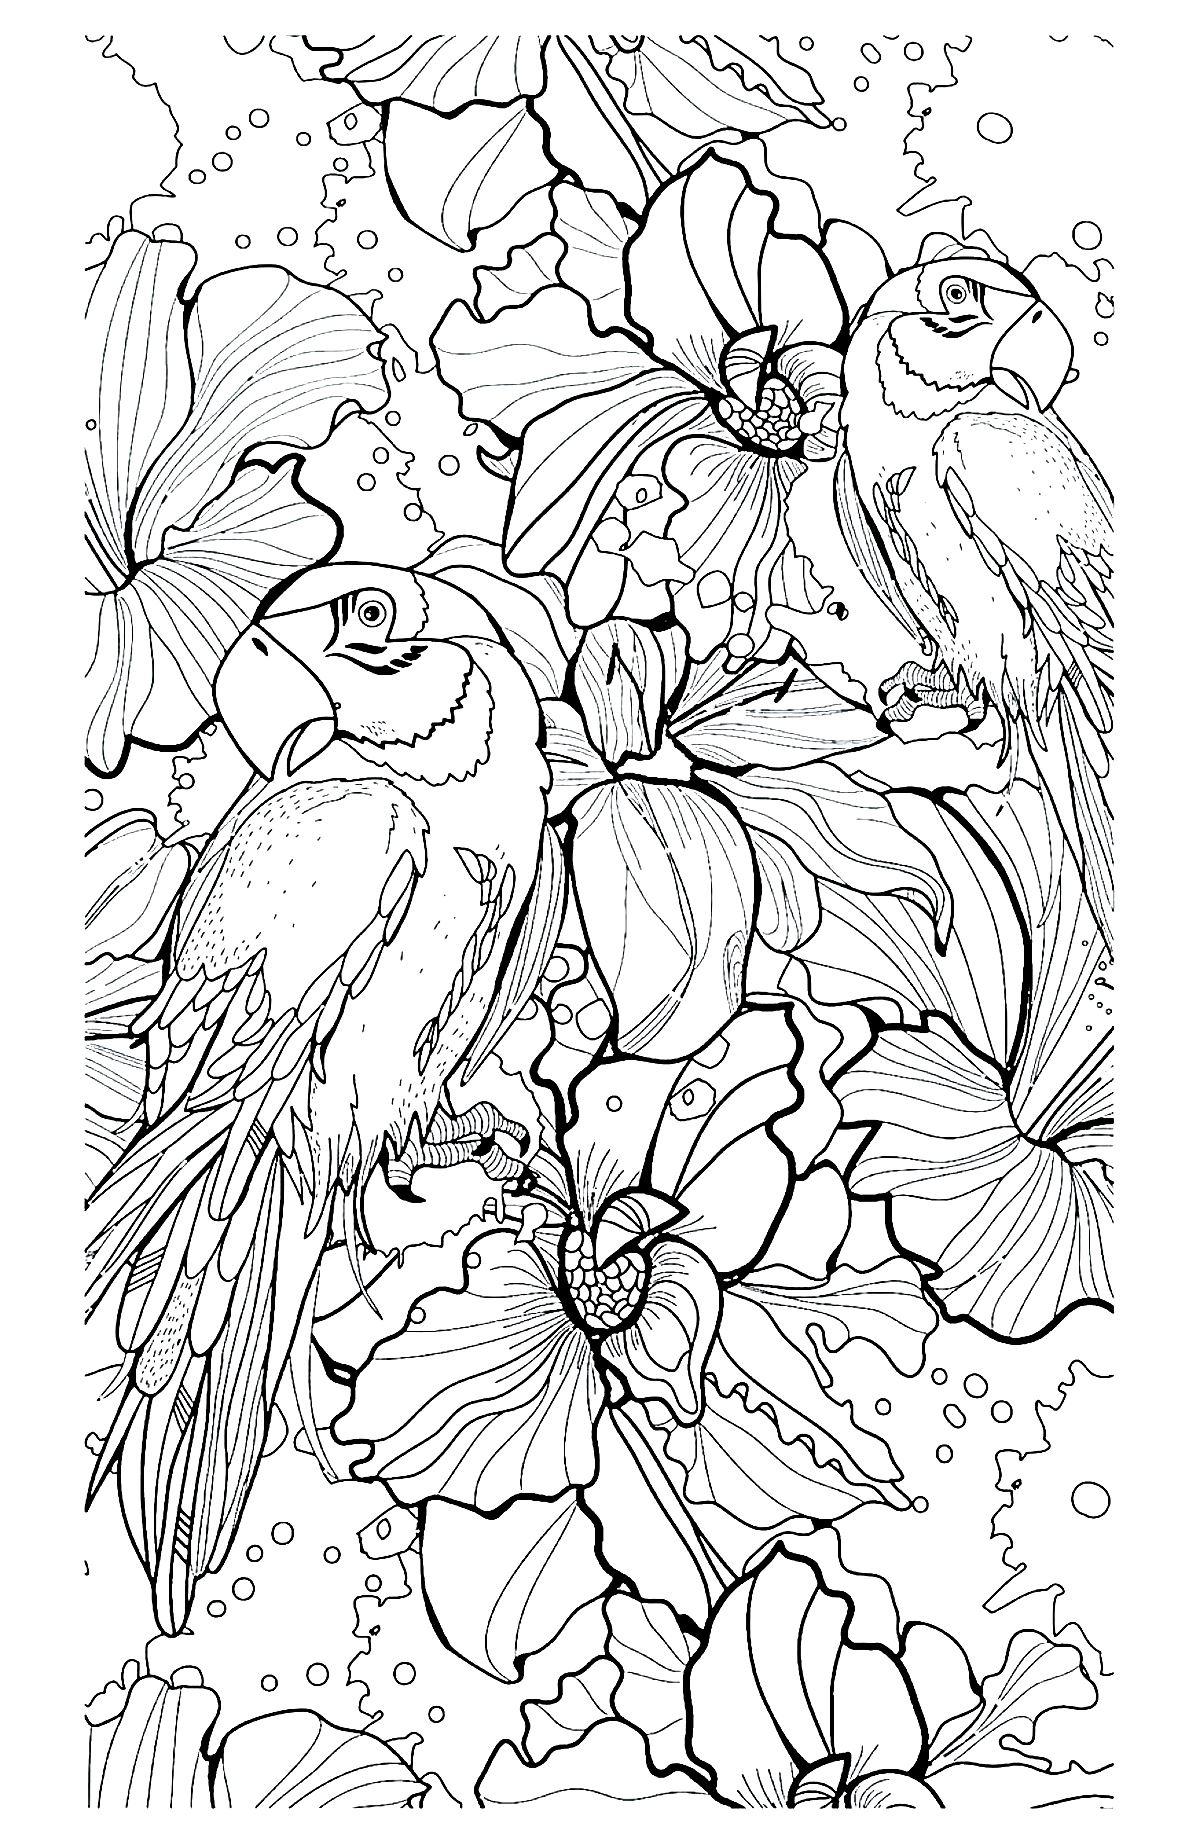 Colorear para adultos  : Aves - 5